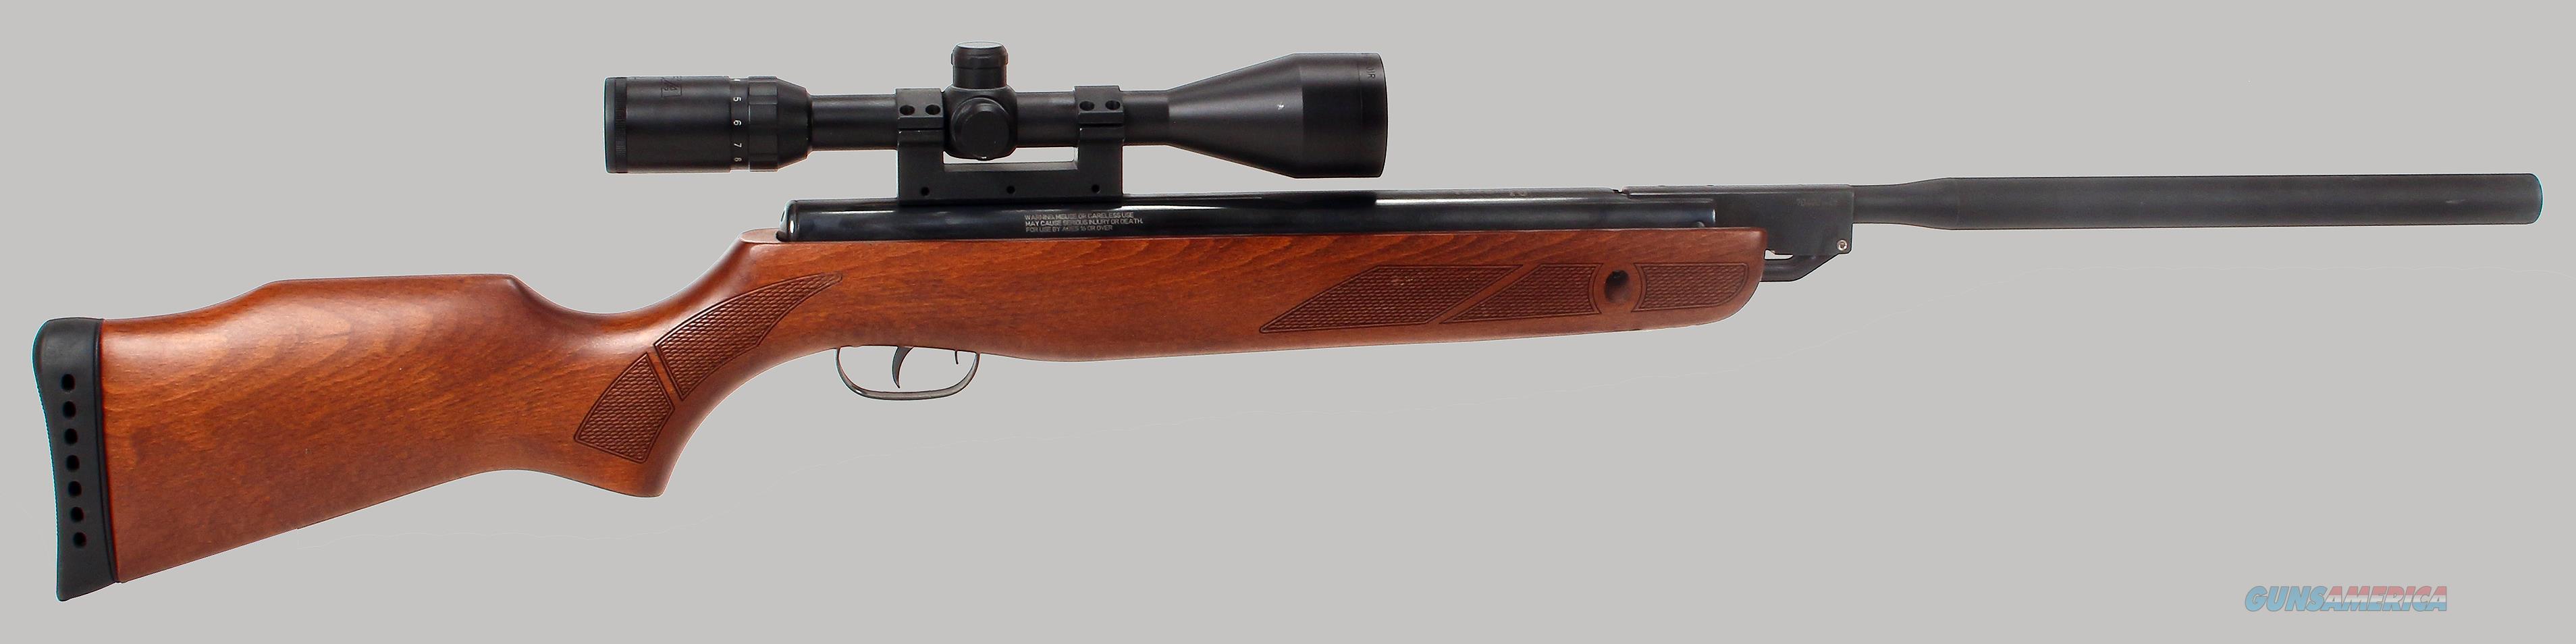 Camo Hunter Extreme .177 Air Gun  Non-Guns > Air Rifles - Pistols > Adult High Velocity